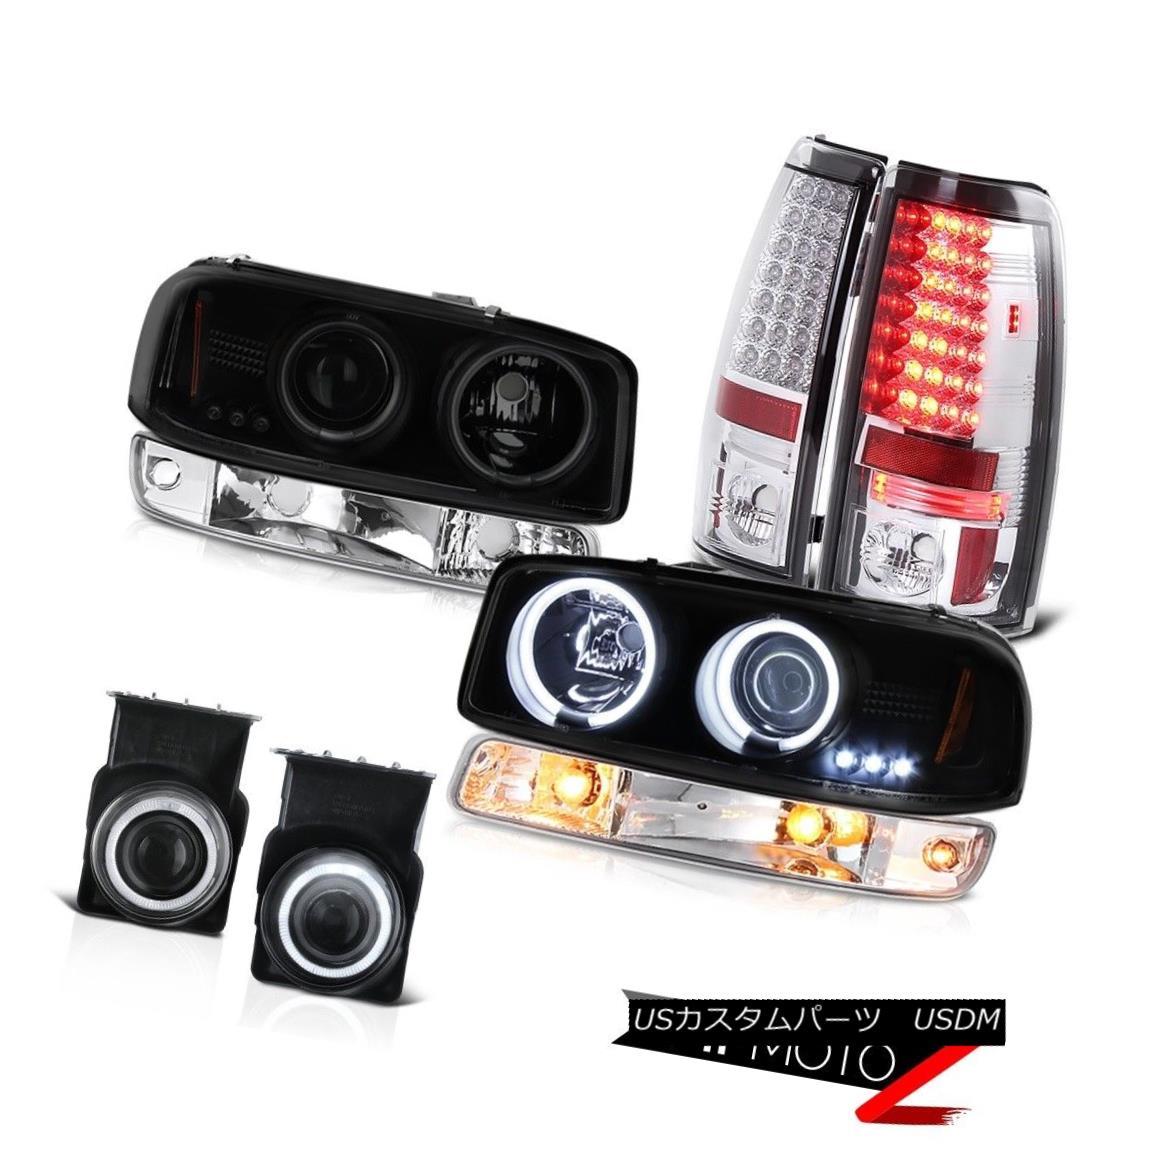 テールライト 03 04 05 06 Sierra 6.6L Foglights tail lamps parking light ccfl headlamps SMD 03 04 05 06シエラ6.6L FoglightsテールランプパーキングライトccflヘッドランプSMD